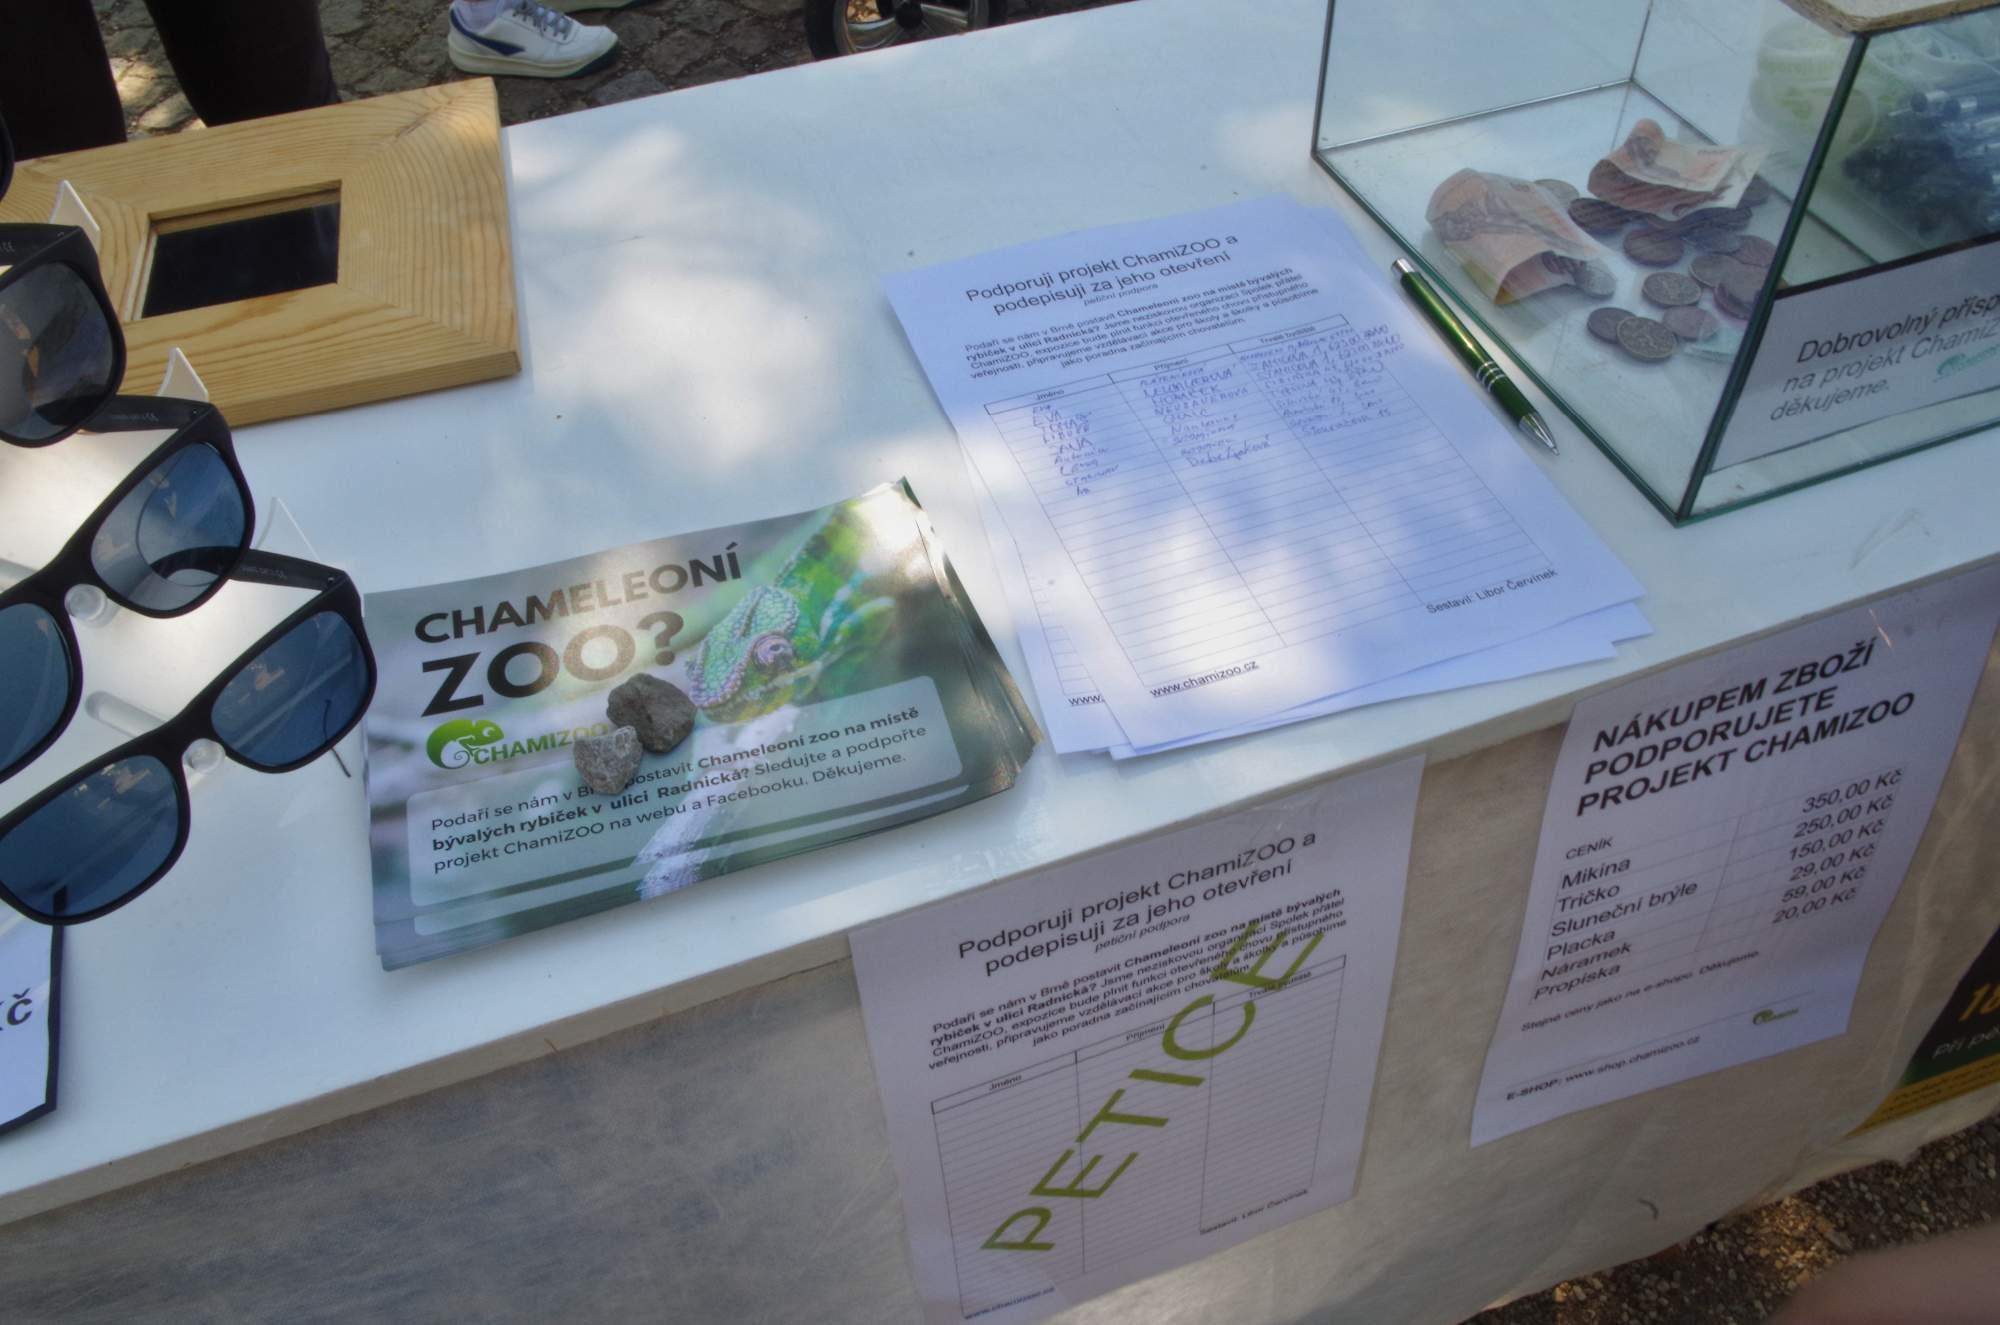 Mohli také podepsat petici za otevření ChamiZoo. Foto: Eliška Pospíšilová